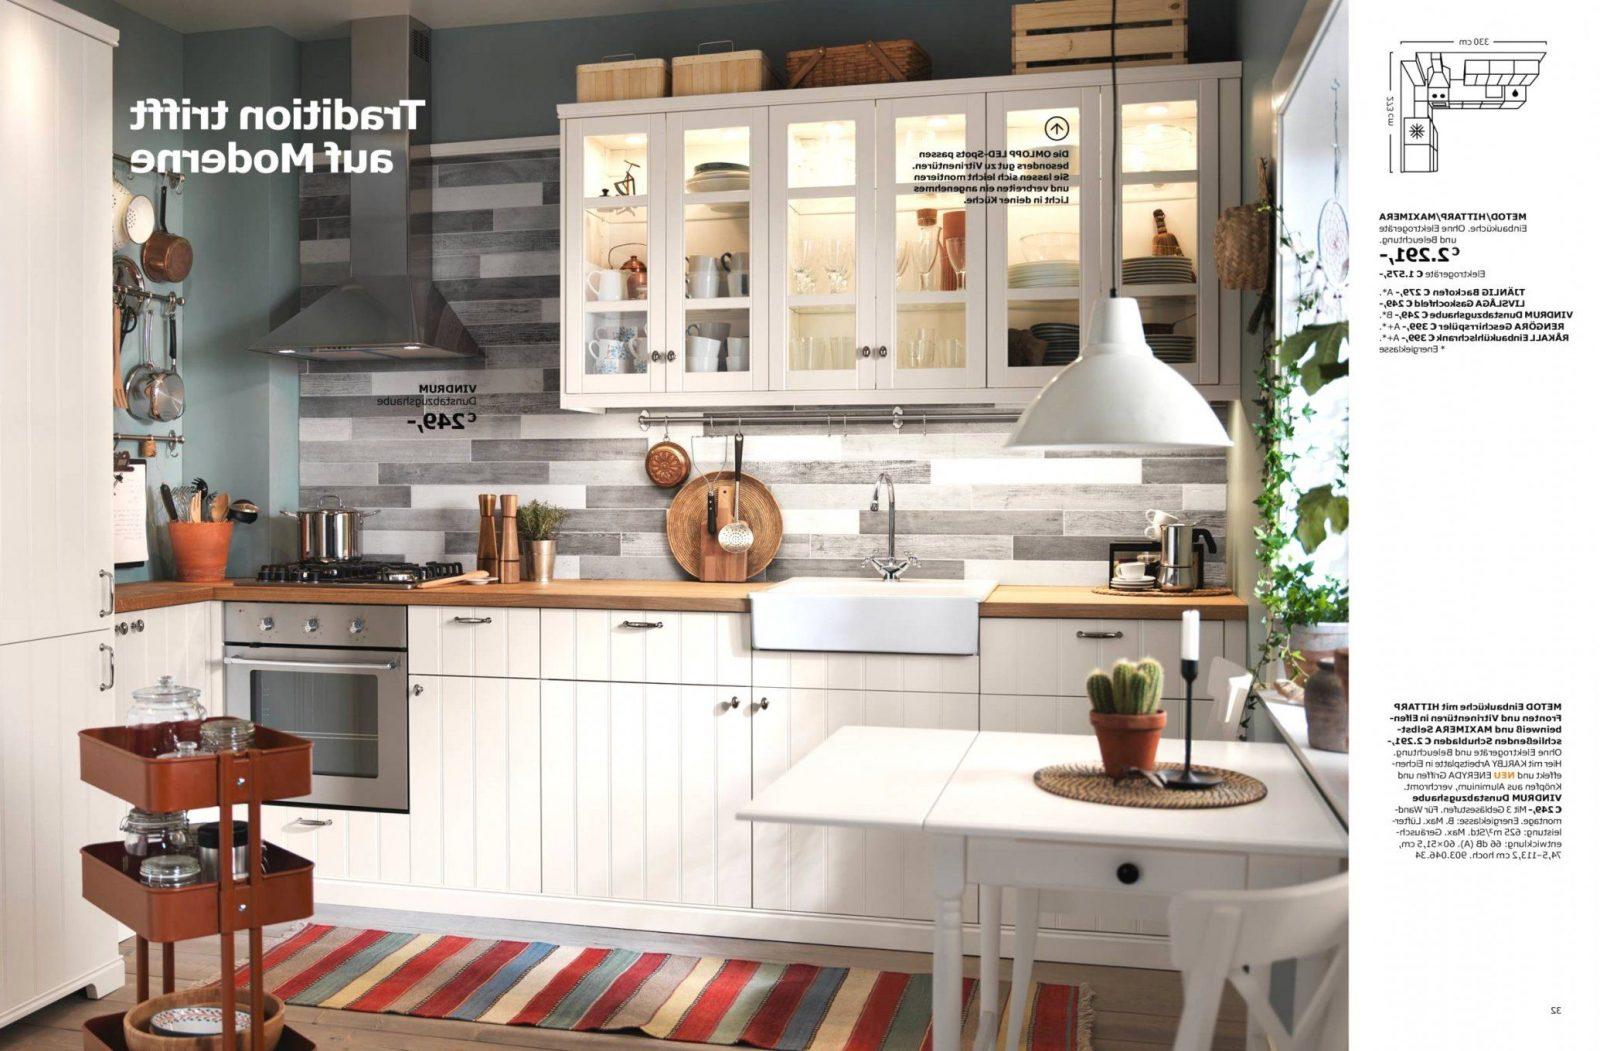 Ikea dunstabzugshaube cm traditioneller look für moderne köche